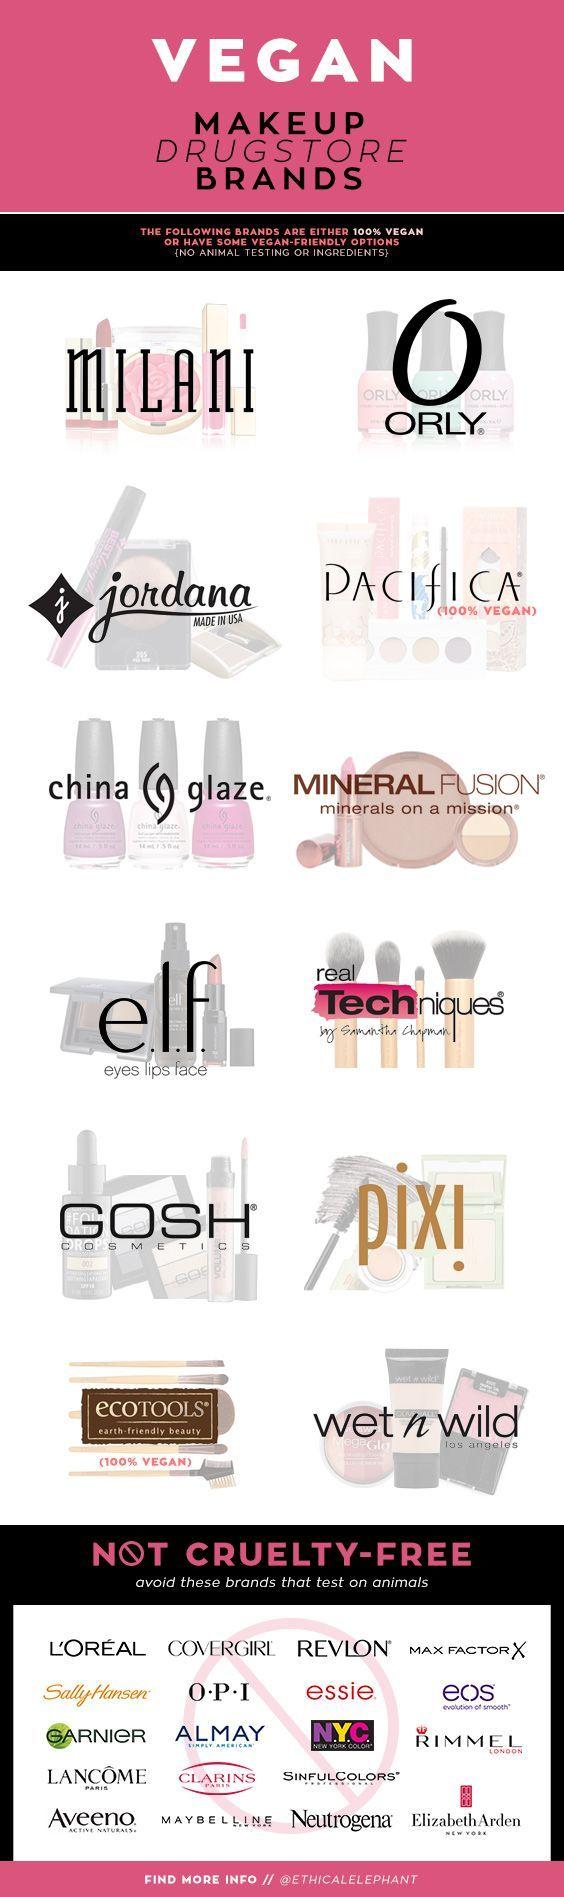 Cruelty free makeup brands